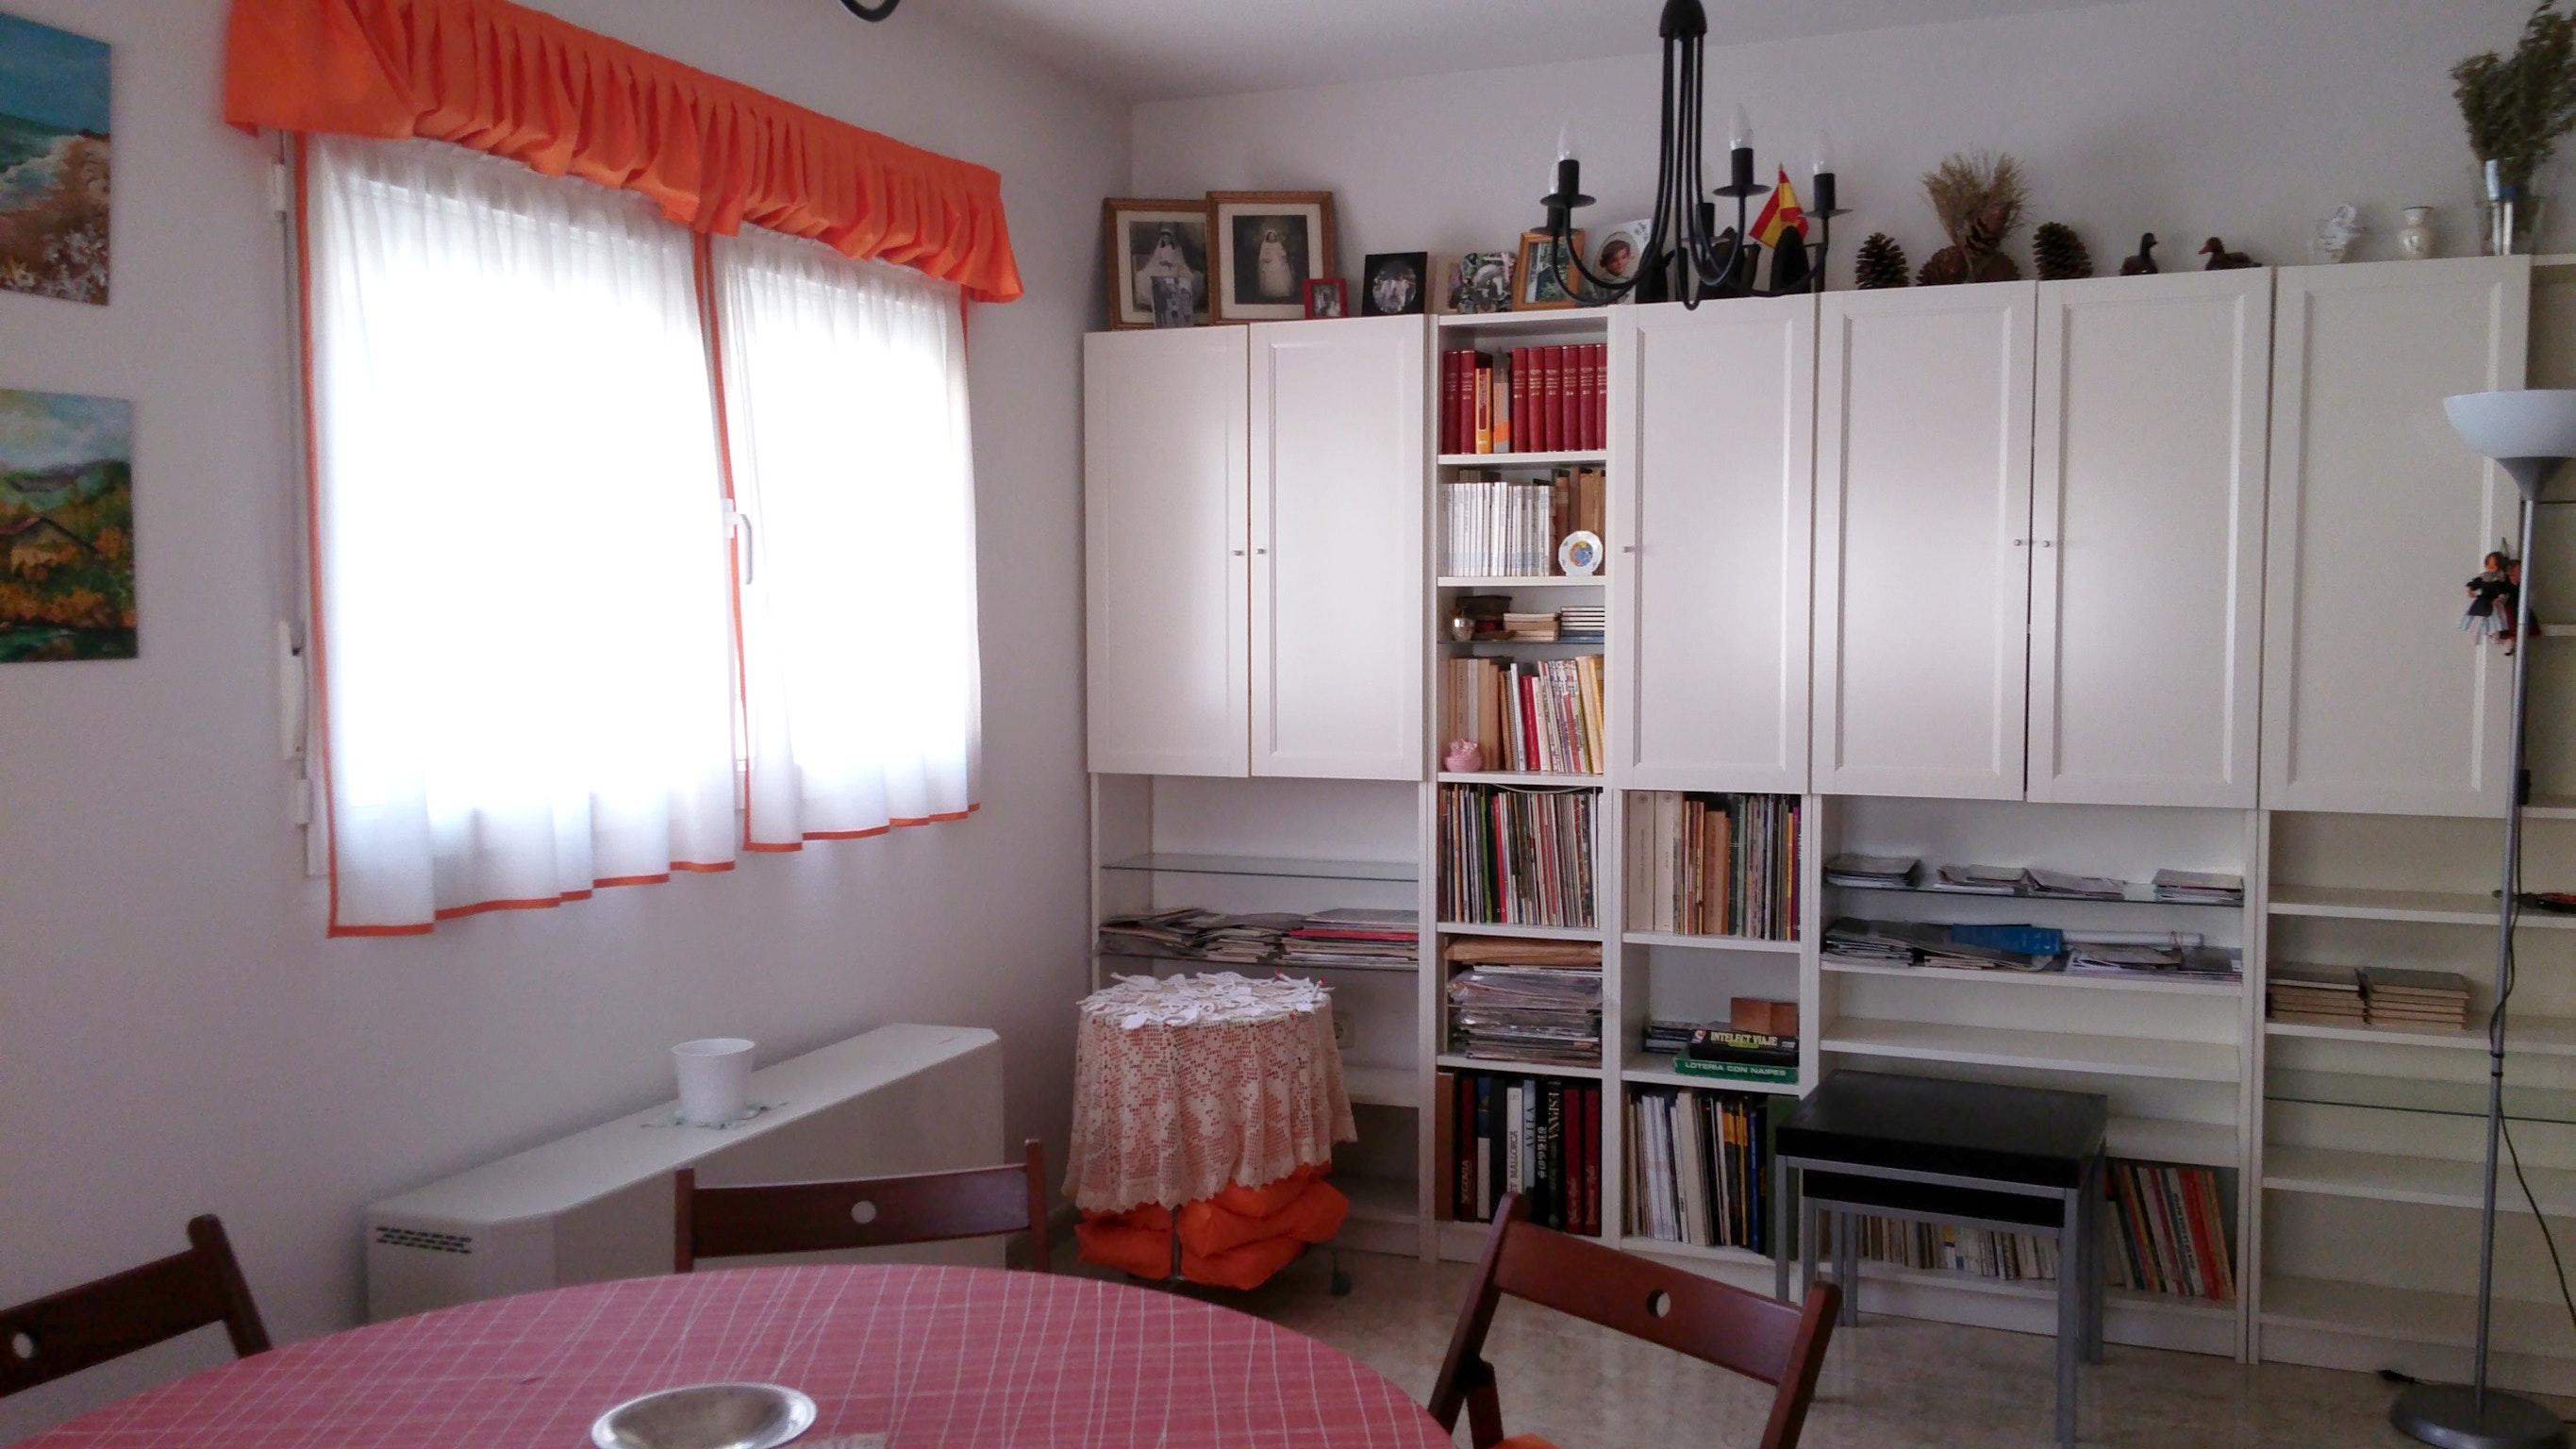 Ferienwohnung Wohnung mit 4 Schlafzimmern in Aldea Real mit Terrasse (2202151), Aldea Real, Segovia, Kastilien-León, Spanien, Bild 9